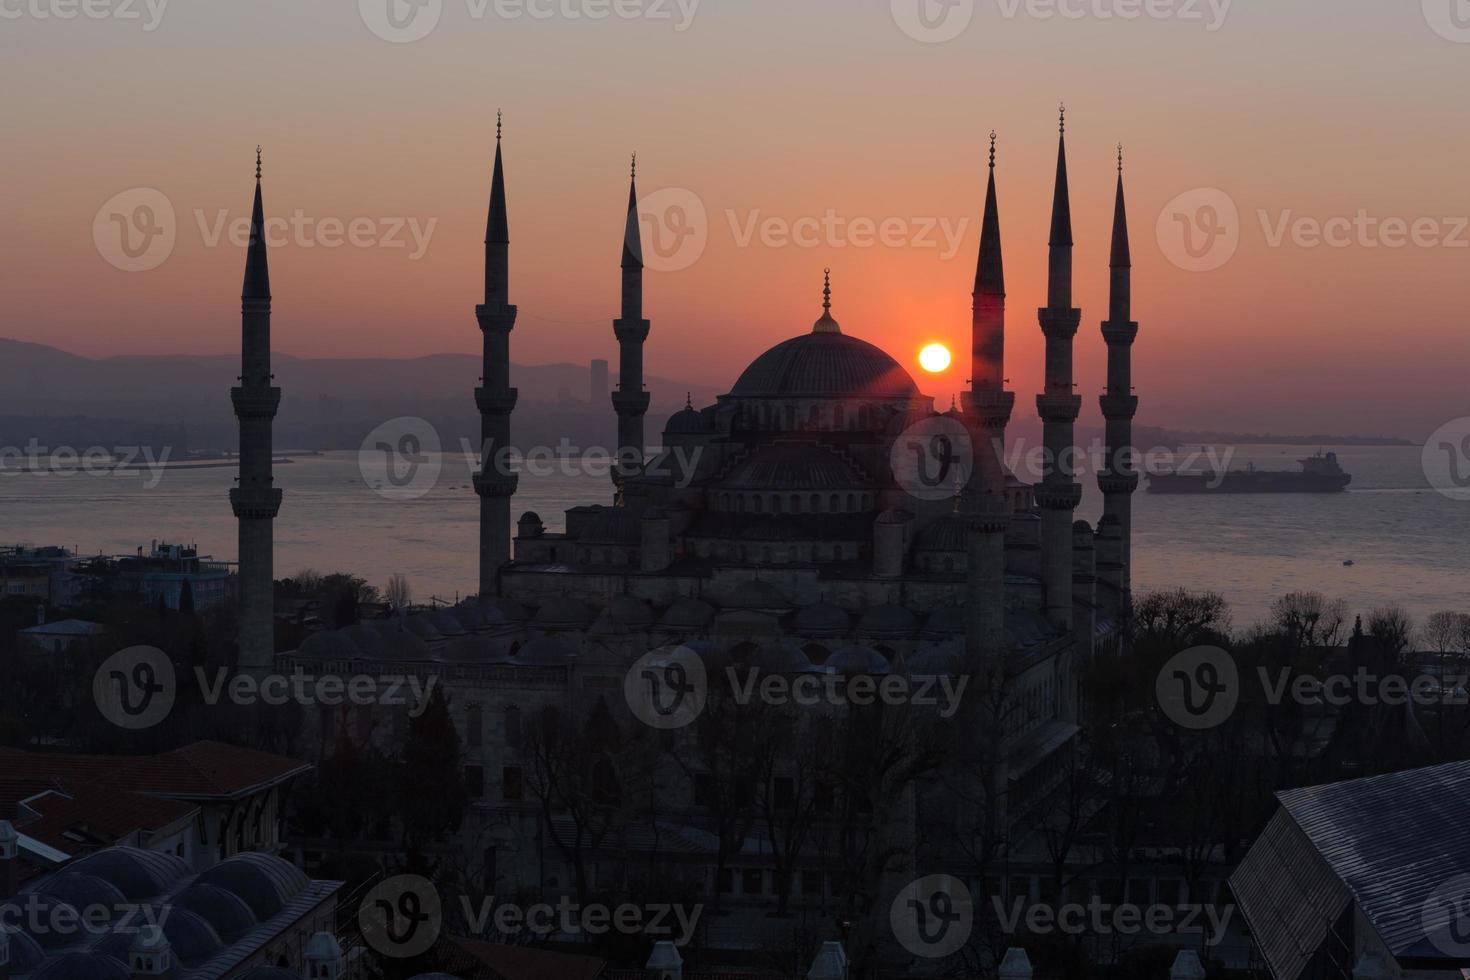 sultán ahmet camii - mezquita azul en estambul, turquía. foto